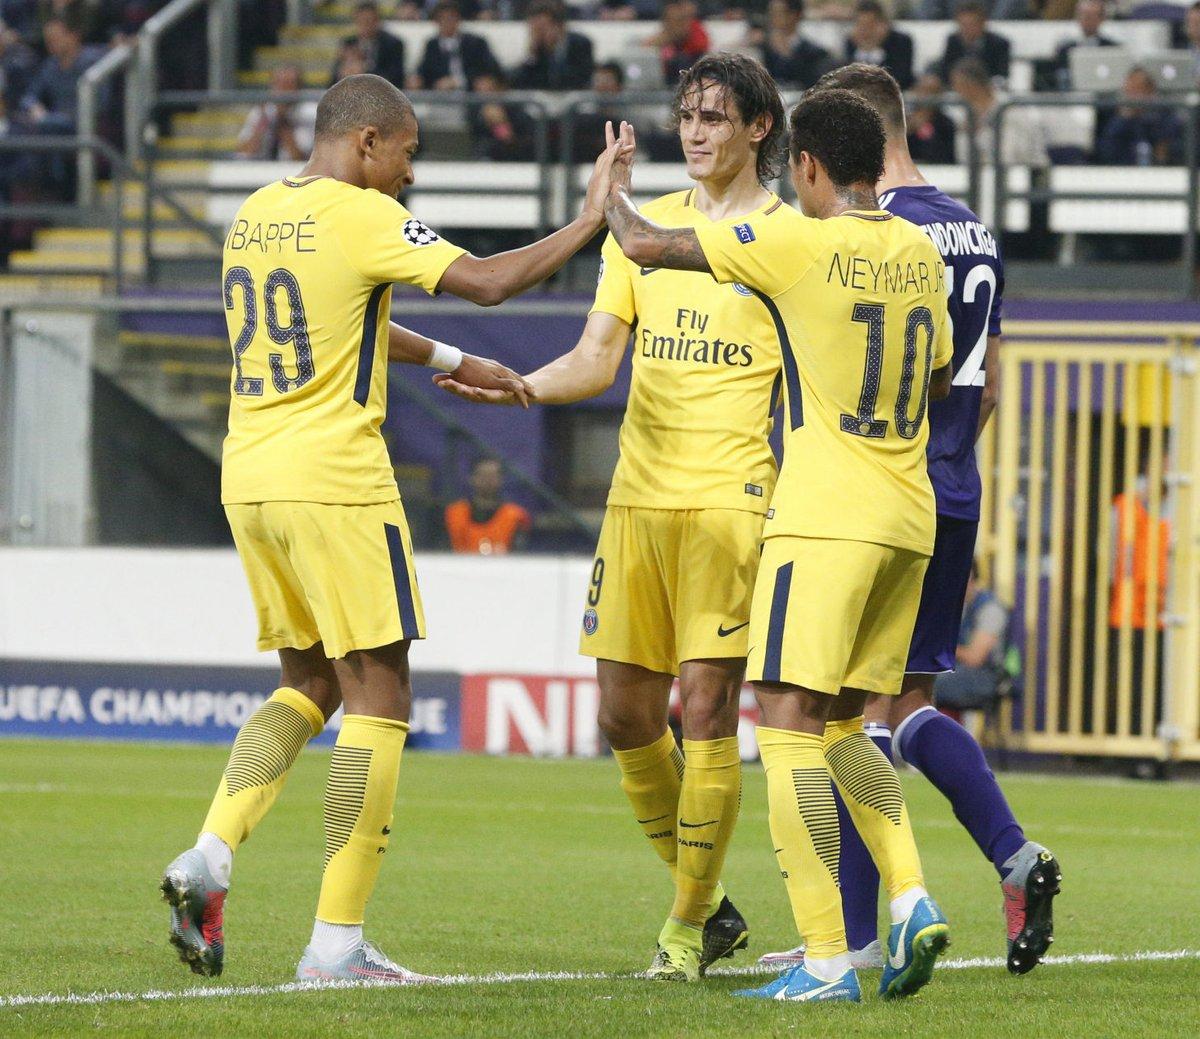 AnderlechtPSG - En marquant, Mbappé et Cavani se font une place dans l'histoire du football.jpg